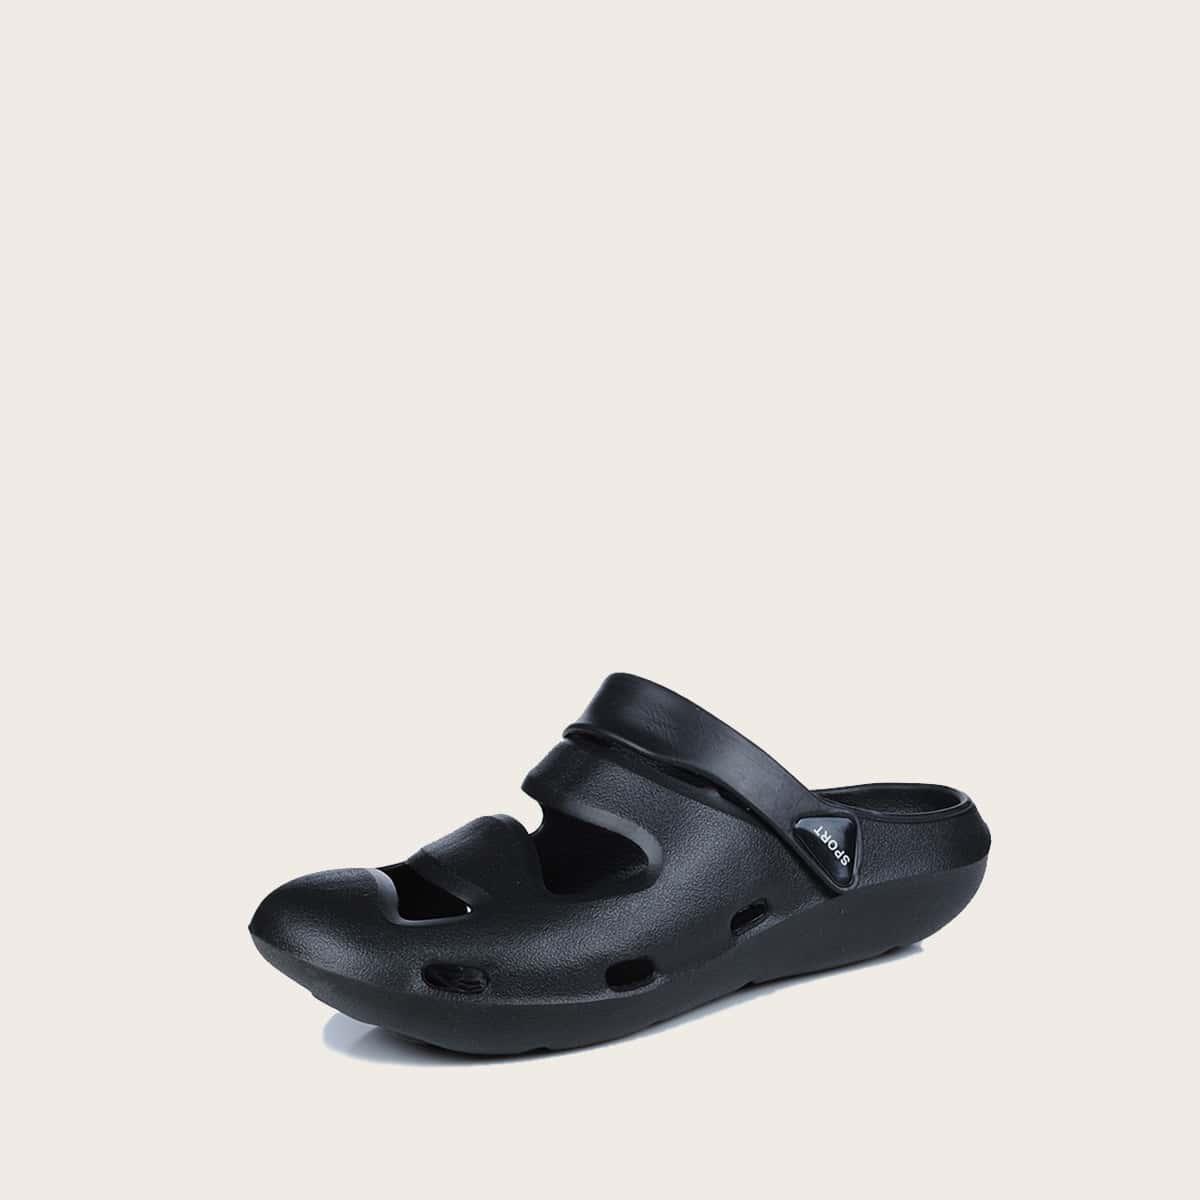 Heren uitgesneden sandalen met brede pasvorm